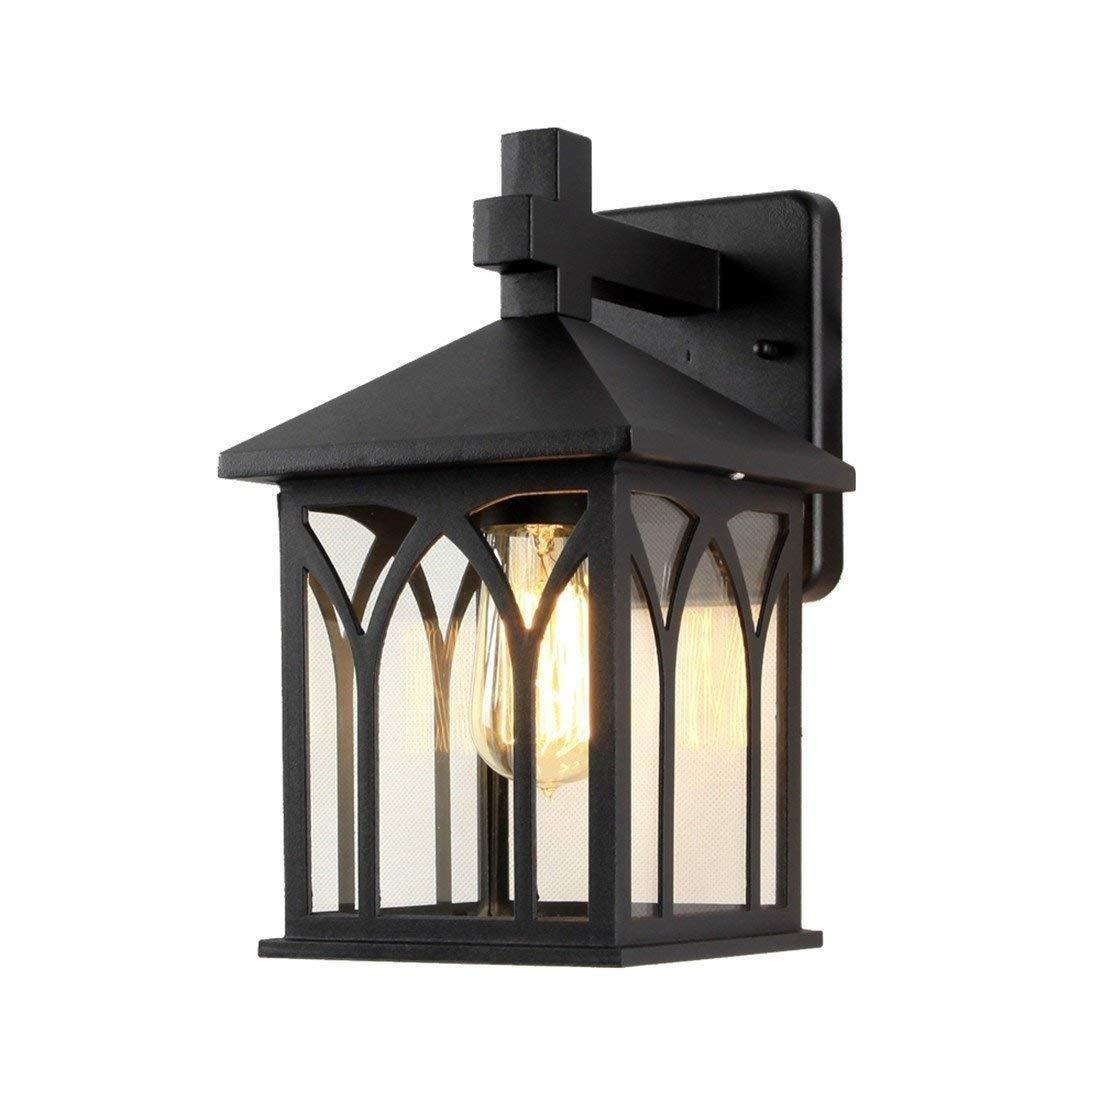 YWJWJ Lampada da Parete per Esterni Illuminazione da Giardino per Esterni Installazione a Prova d'Acqua Balcone per corridoi in Alluminio, D21 * H30 LED Centimetri